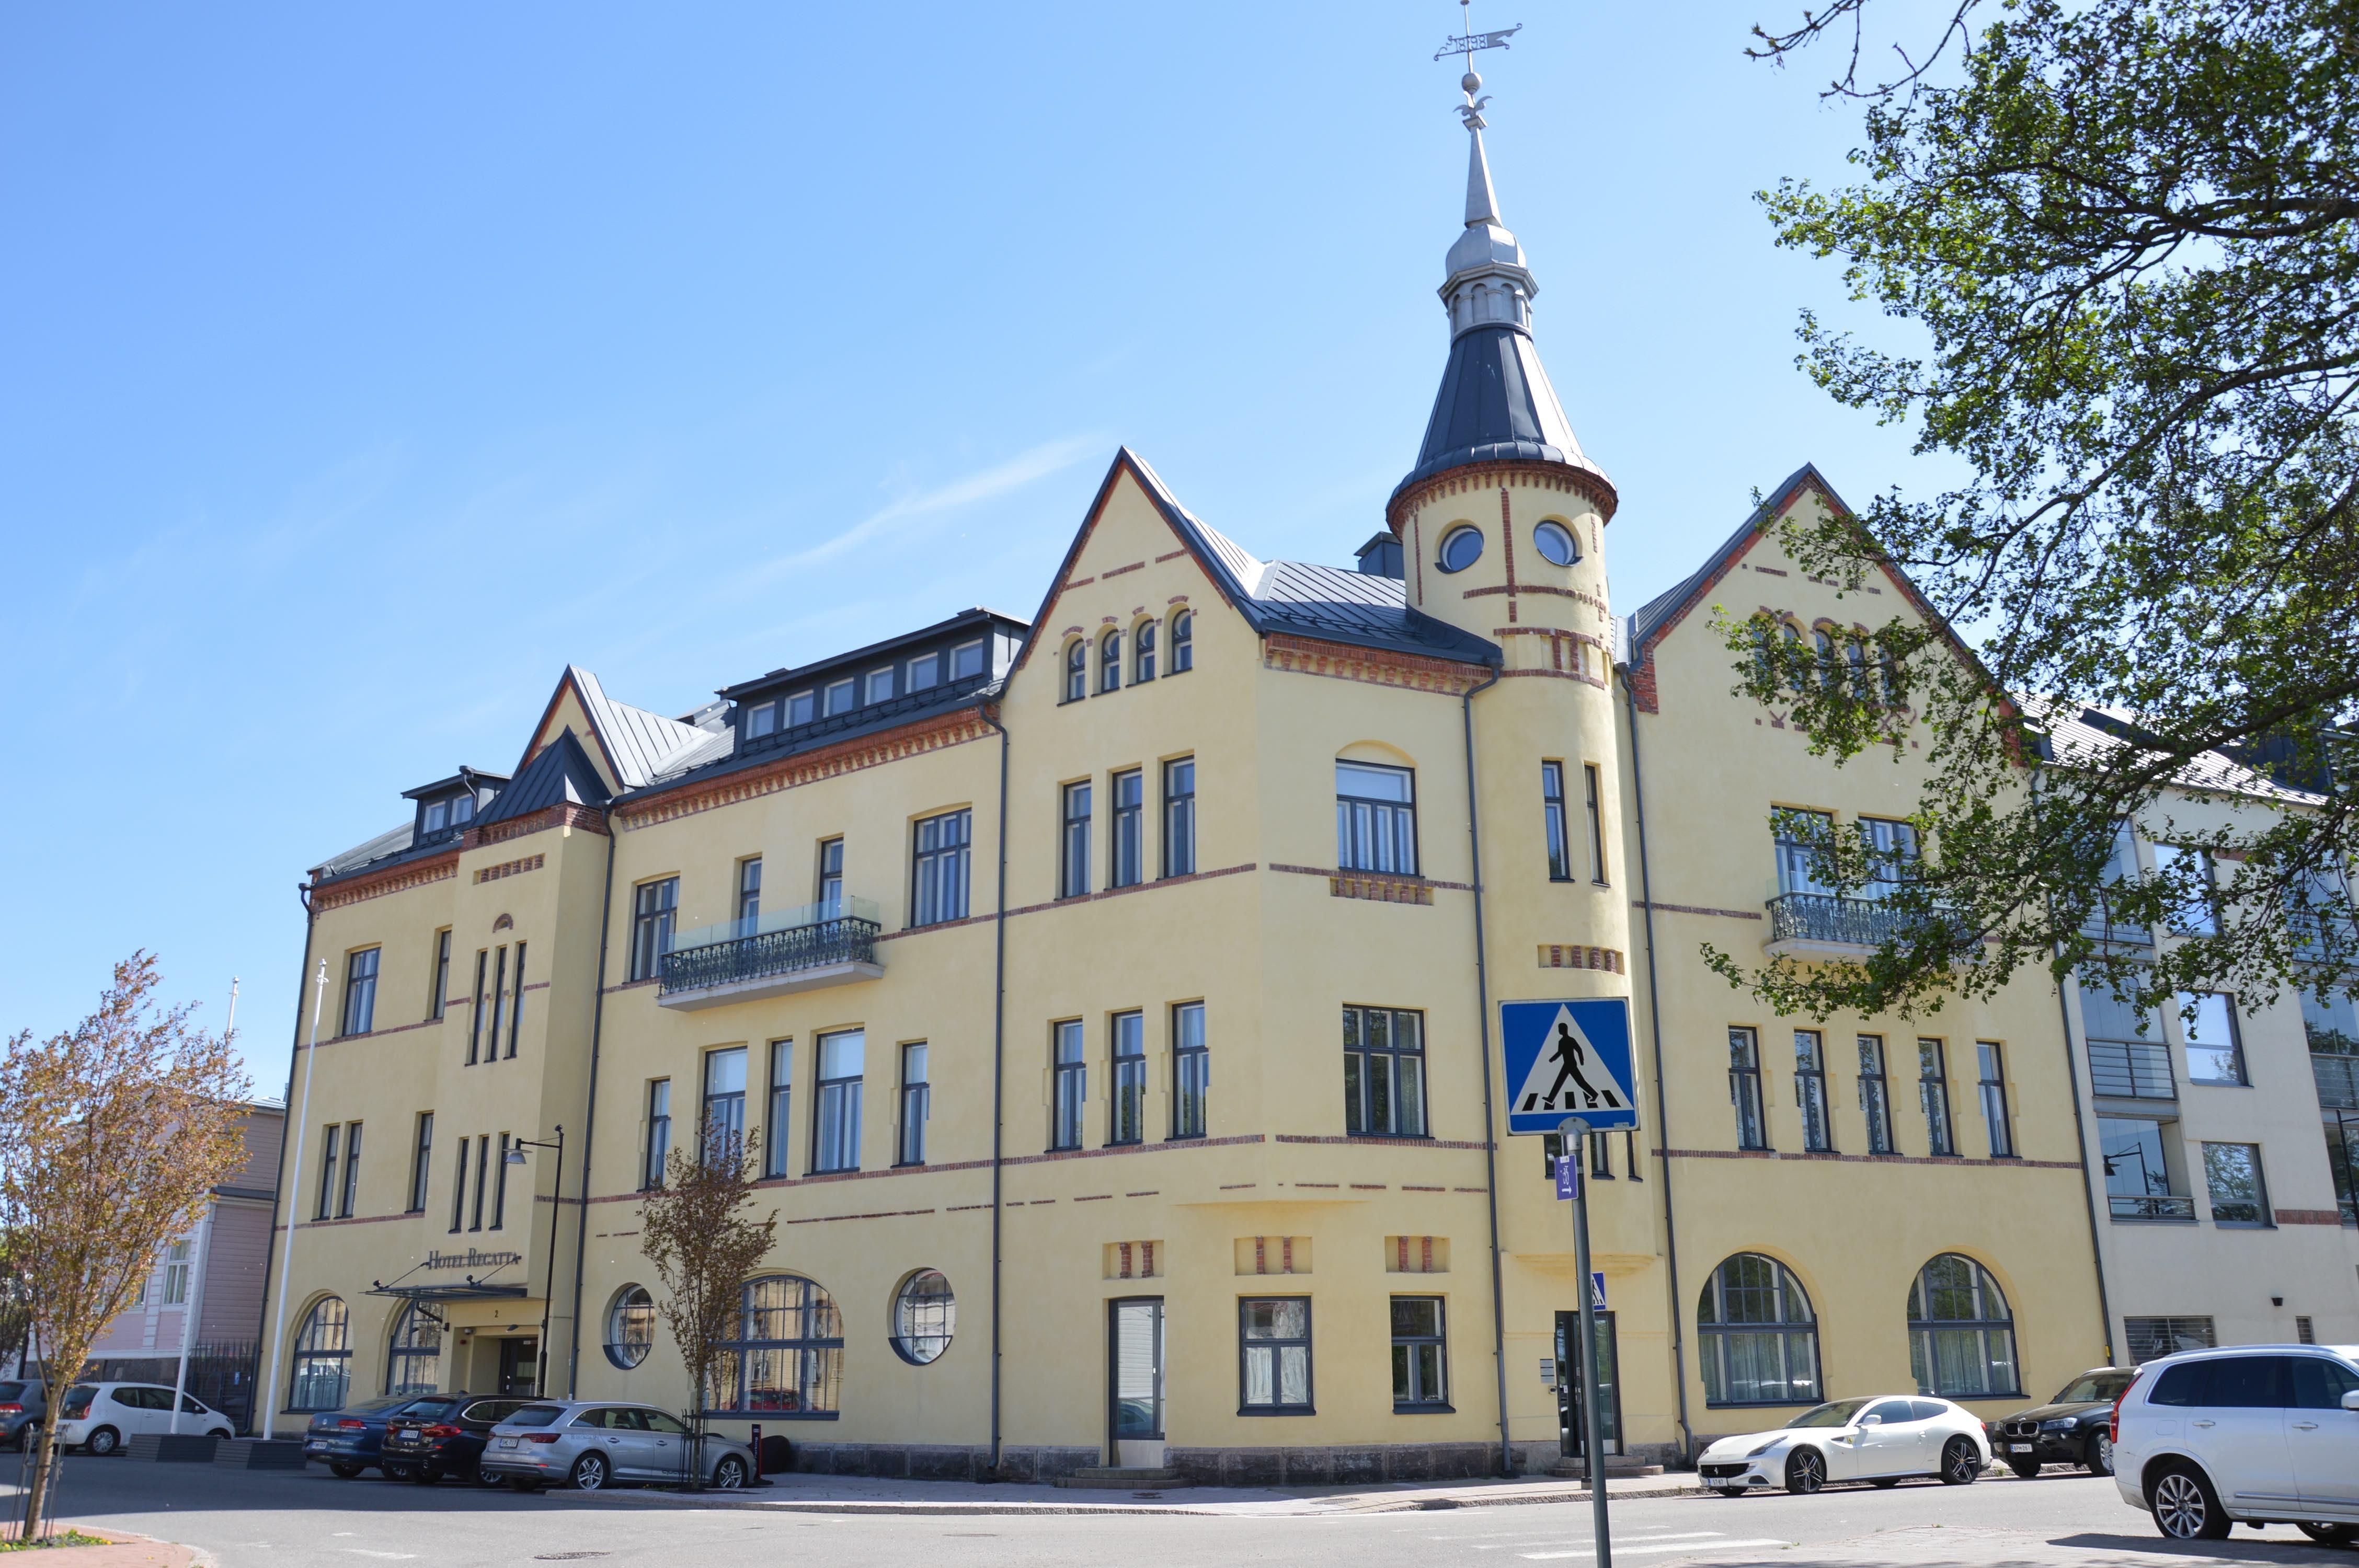 Université de laboratoire de rencontres d'Helsinki rencontres en ligne des expériences blog